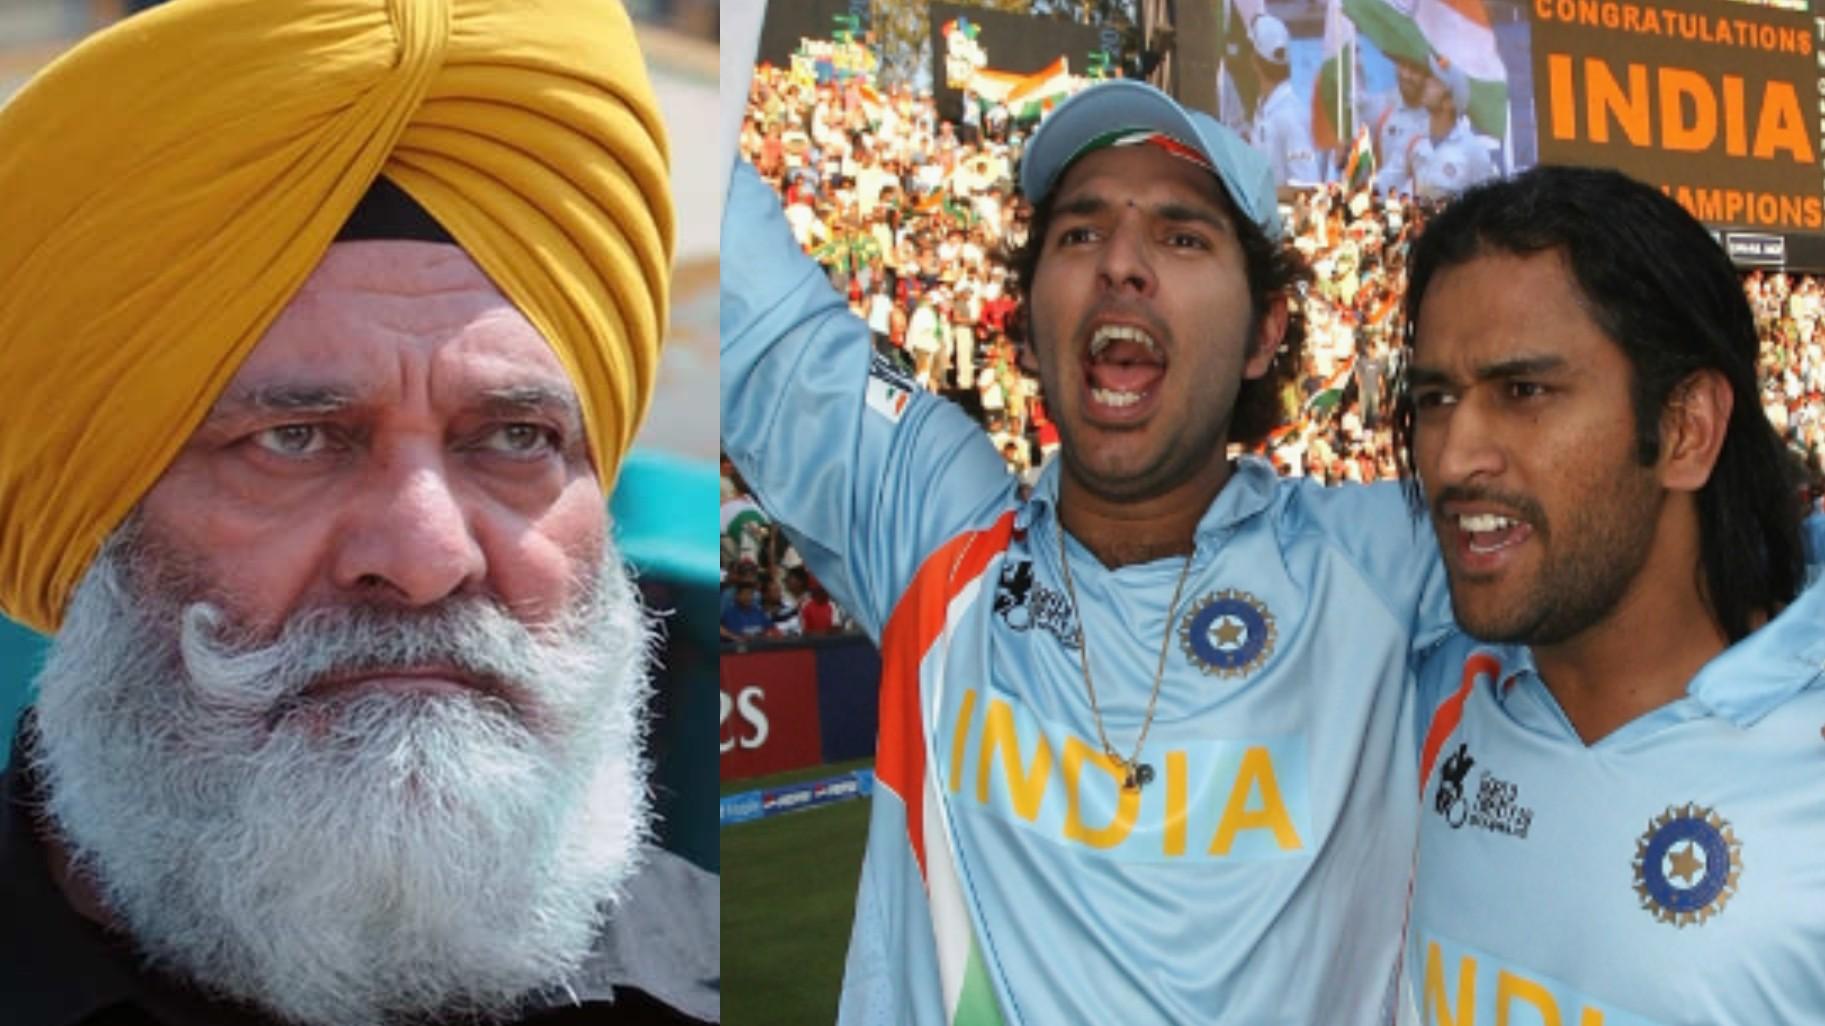 """""""Destiny made Dhoni captain; Yuvraj was supposed to lead India,"""" says Yograj Singh"""